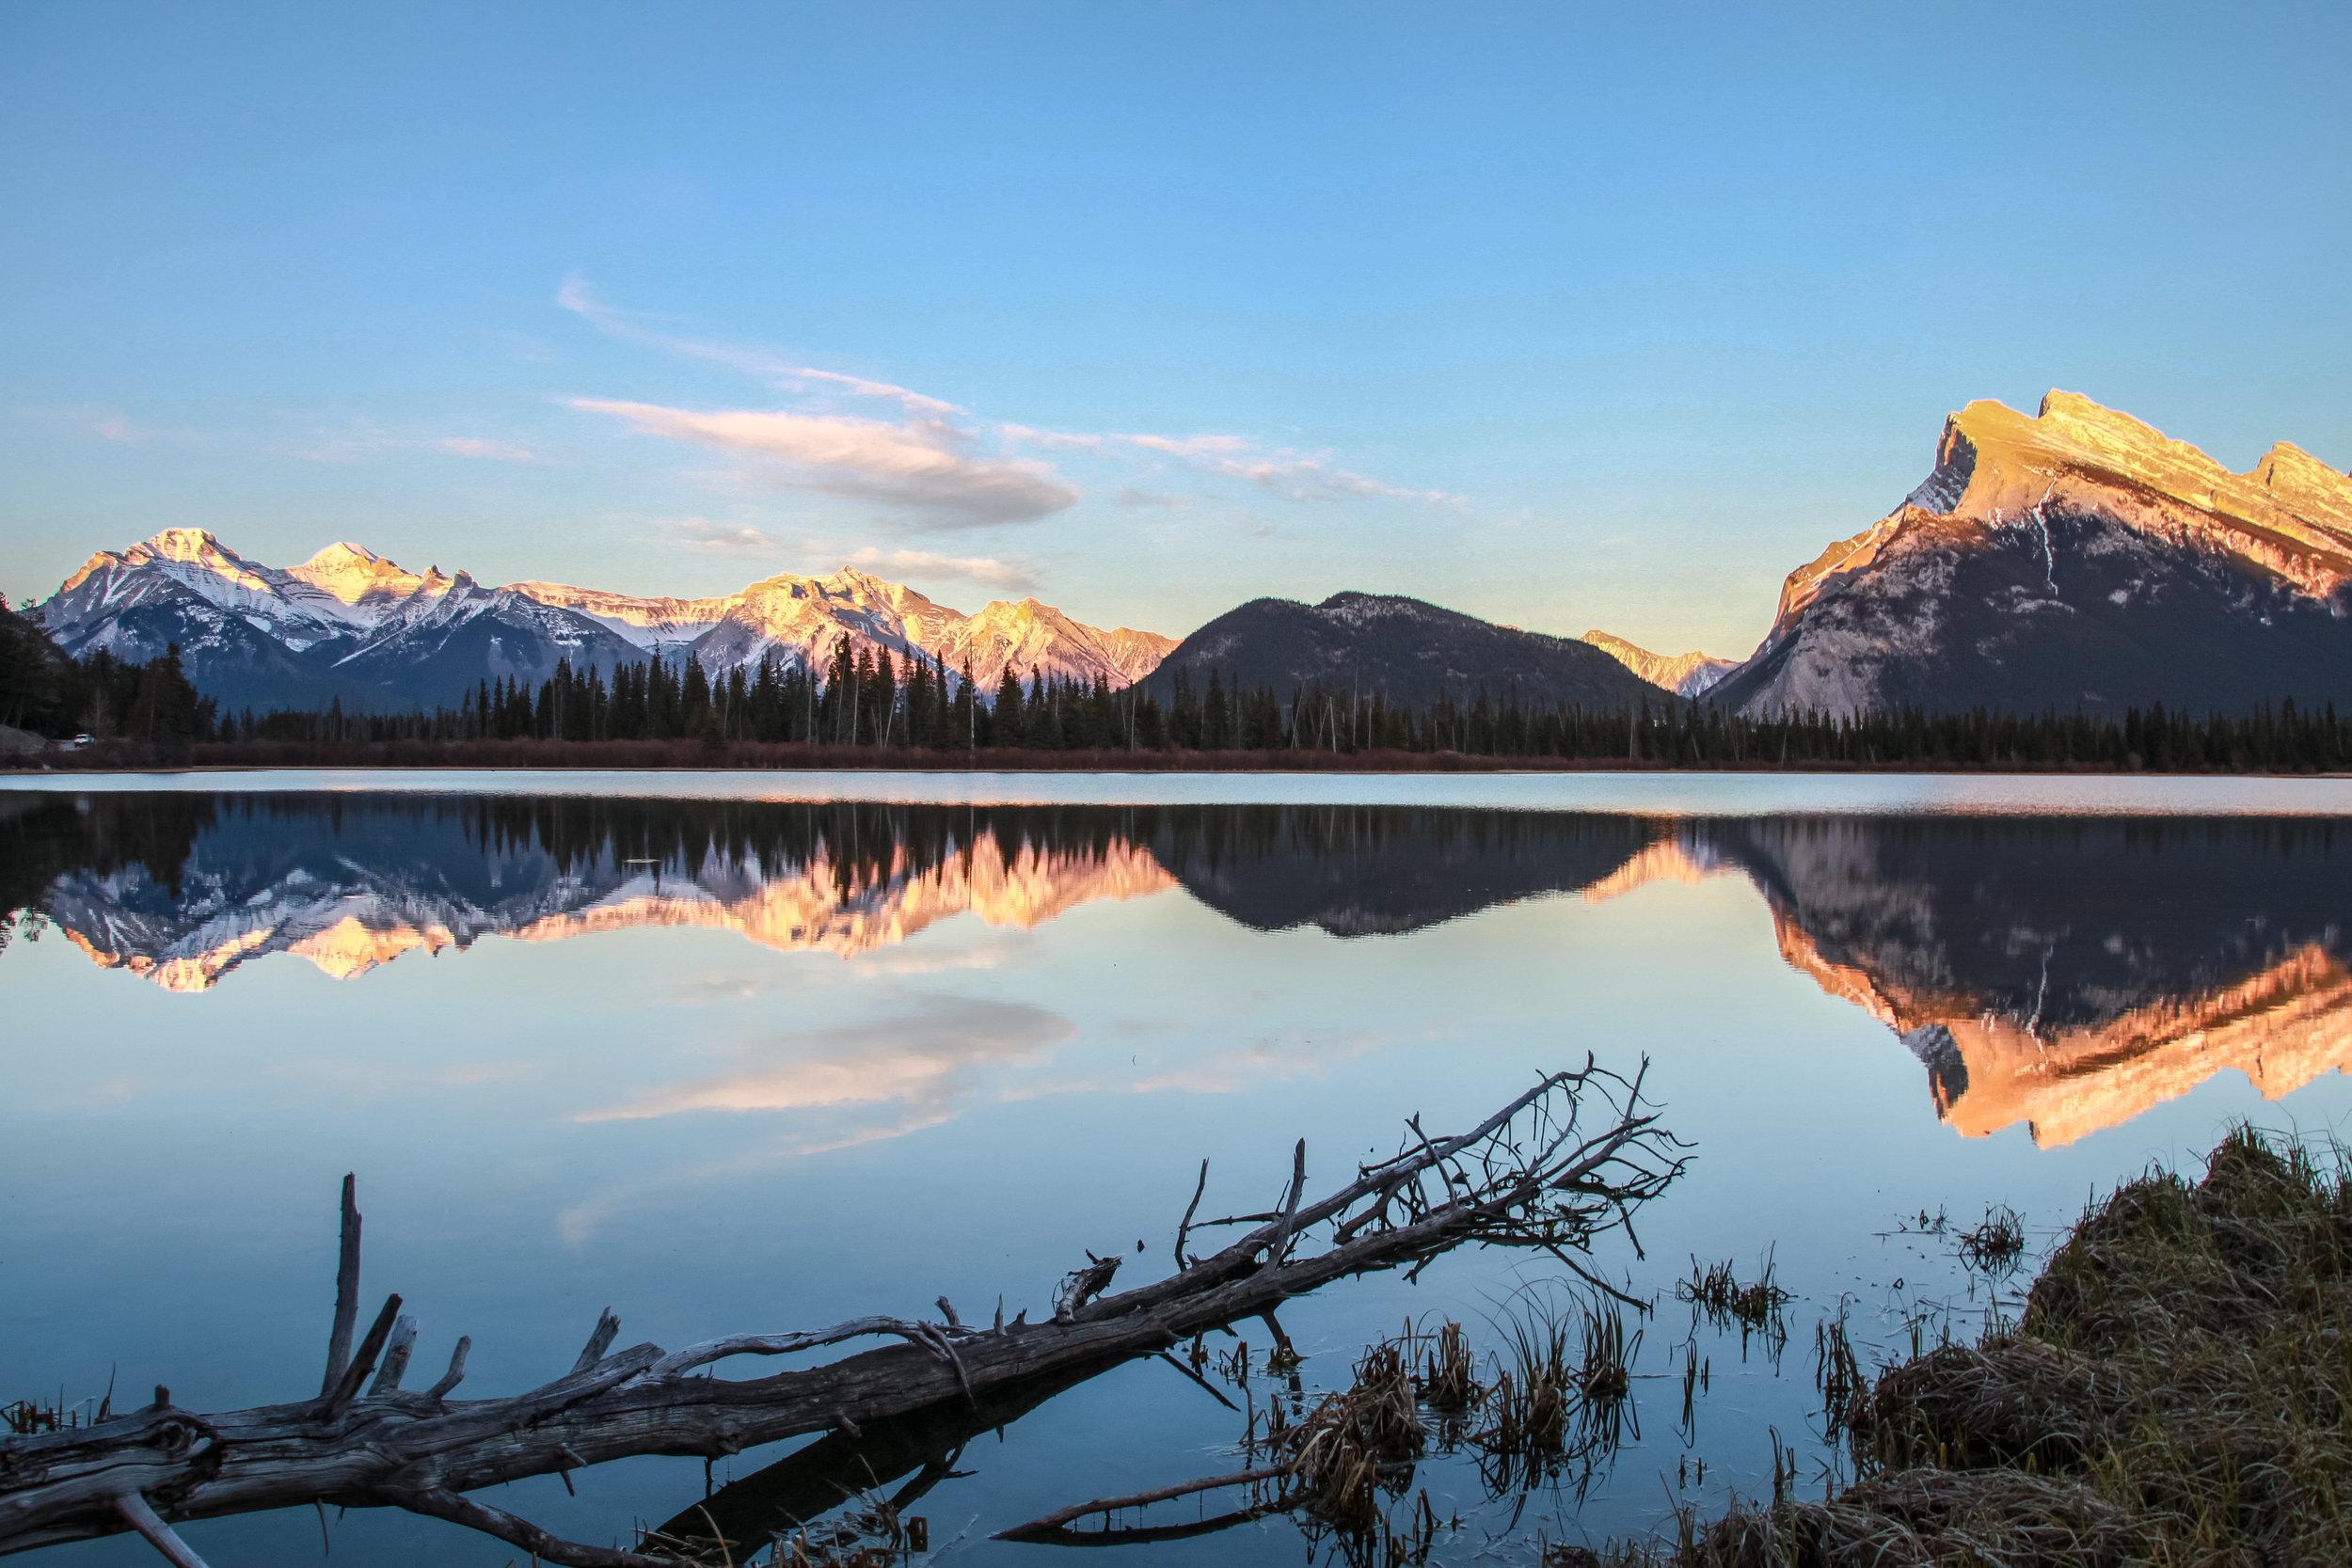 Vermillion lakes Sunset II